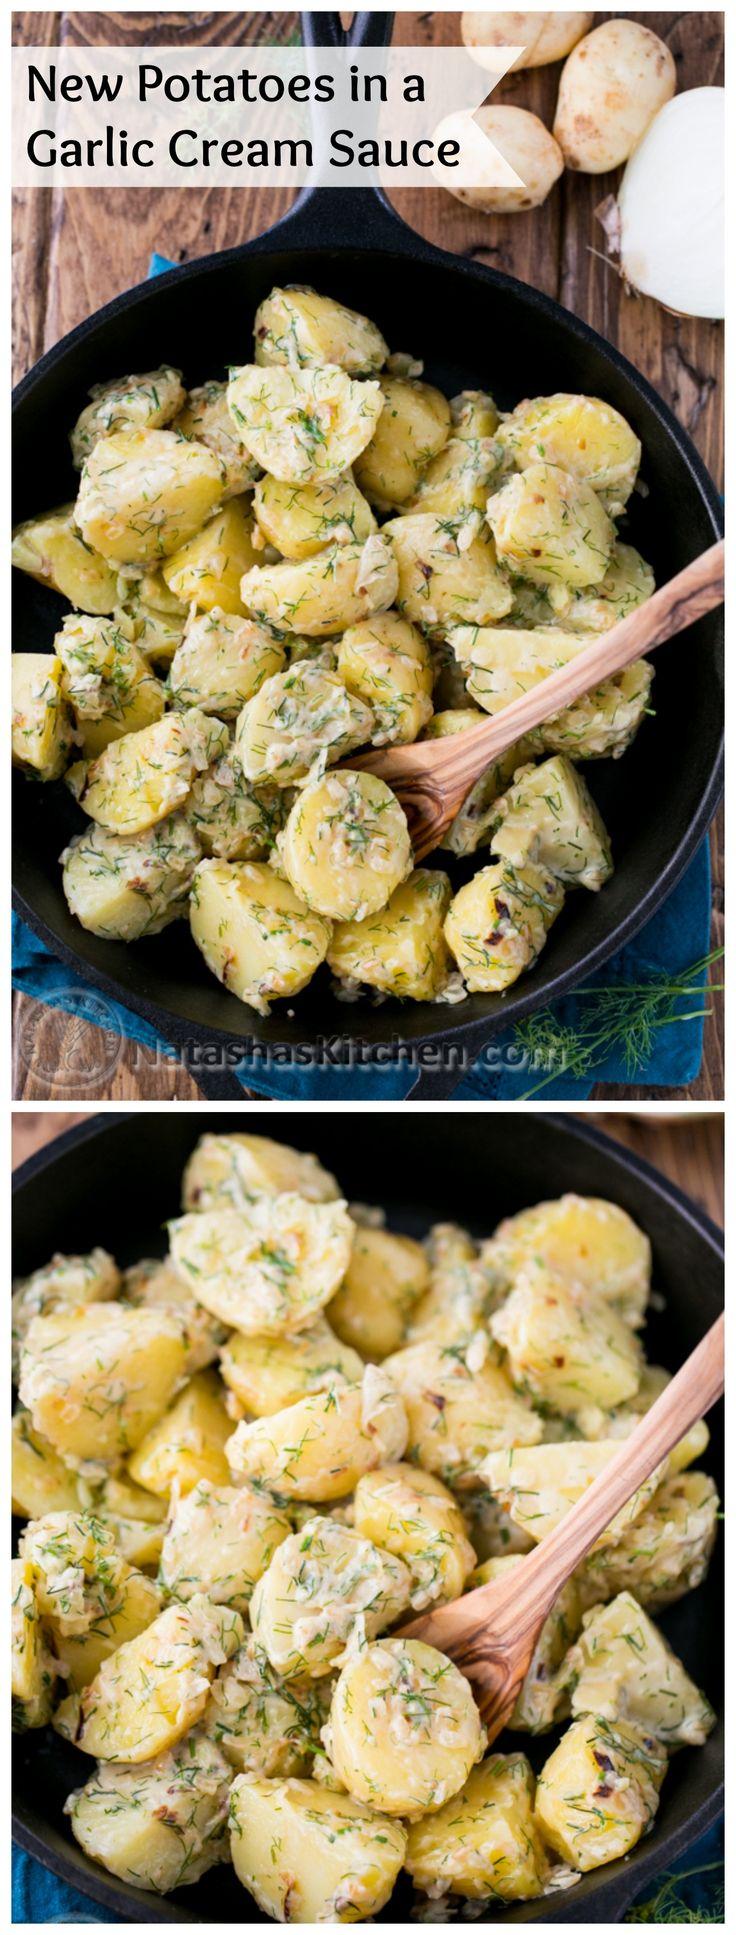 New Potatoes in a Garlic Cream Sauce | @natashaskitchen